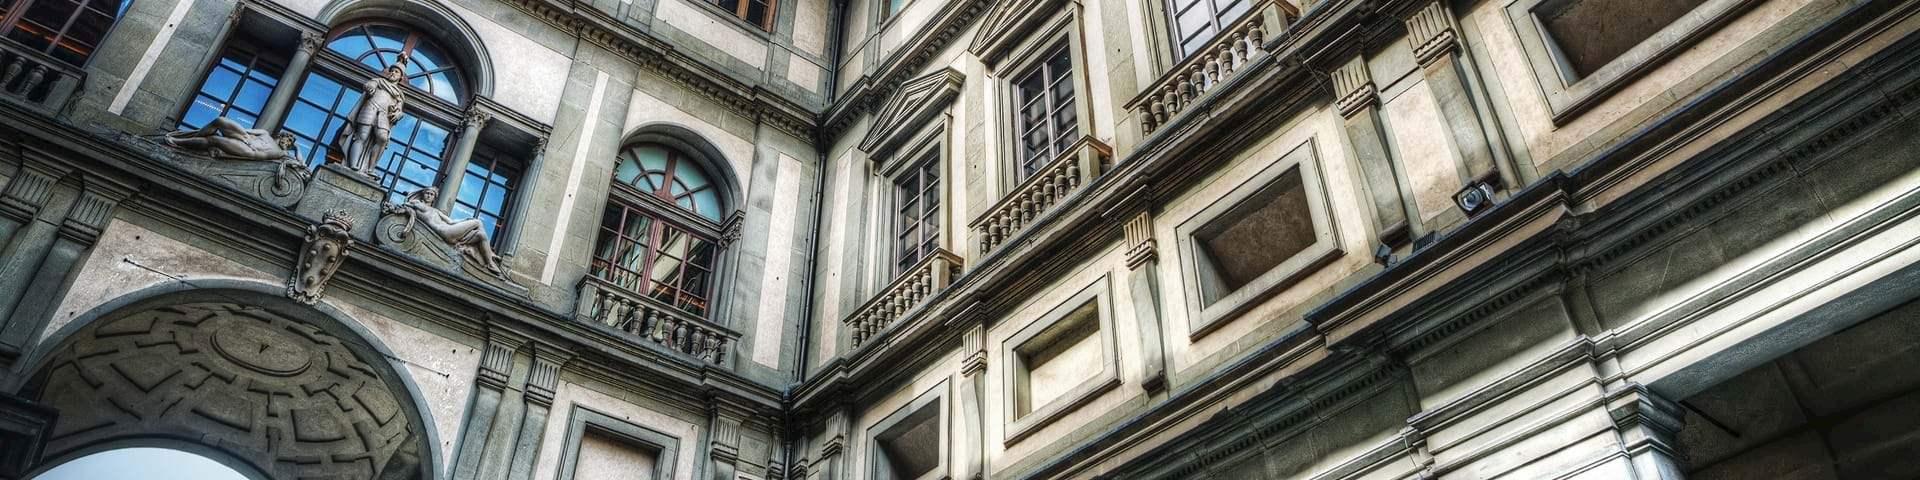 The Uffizi Gallery Tours